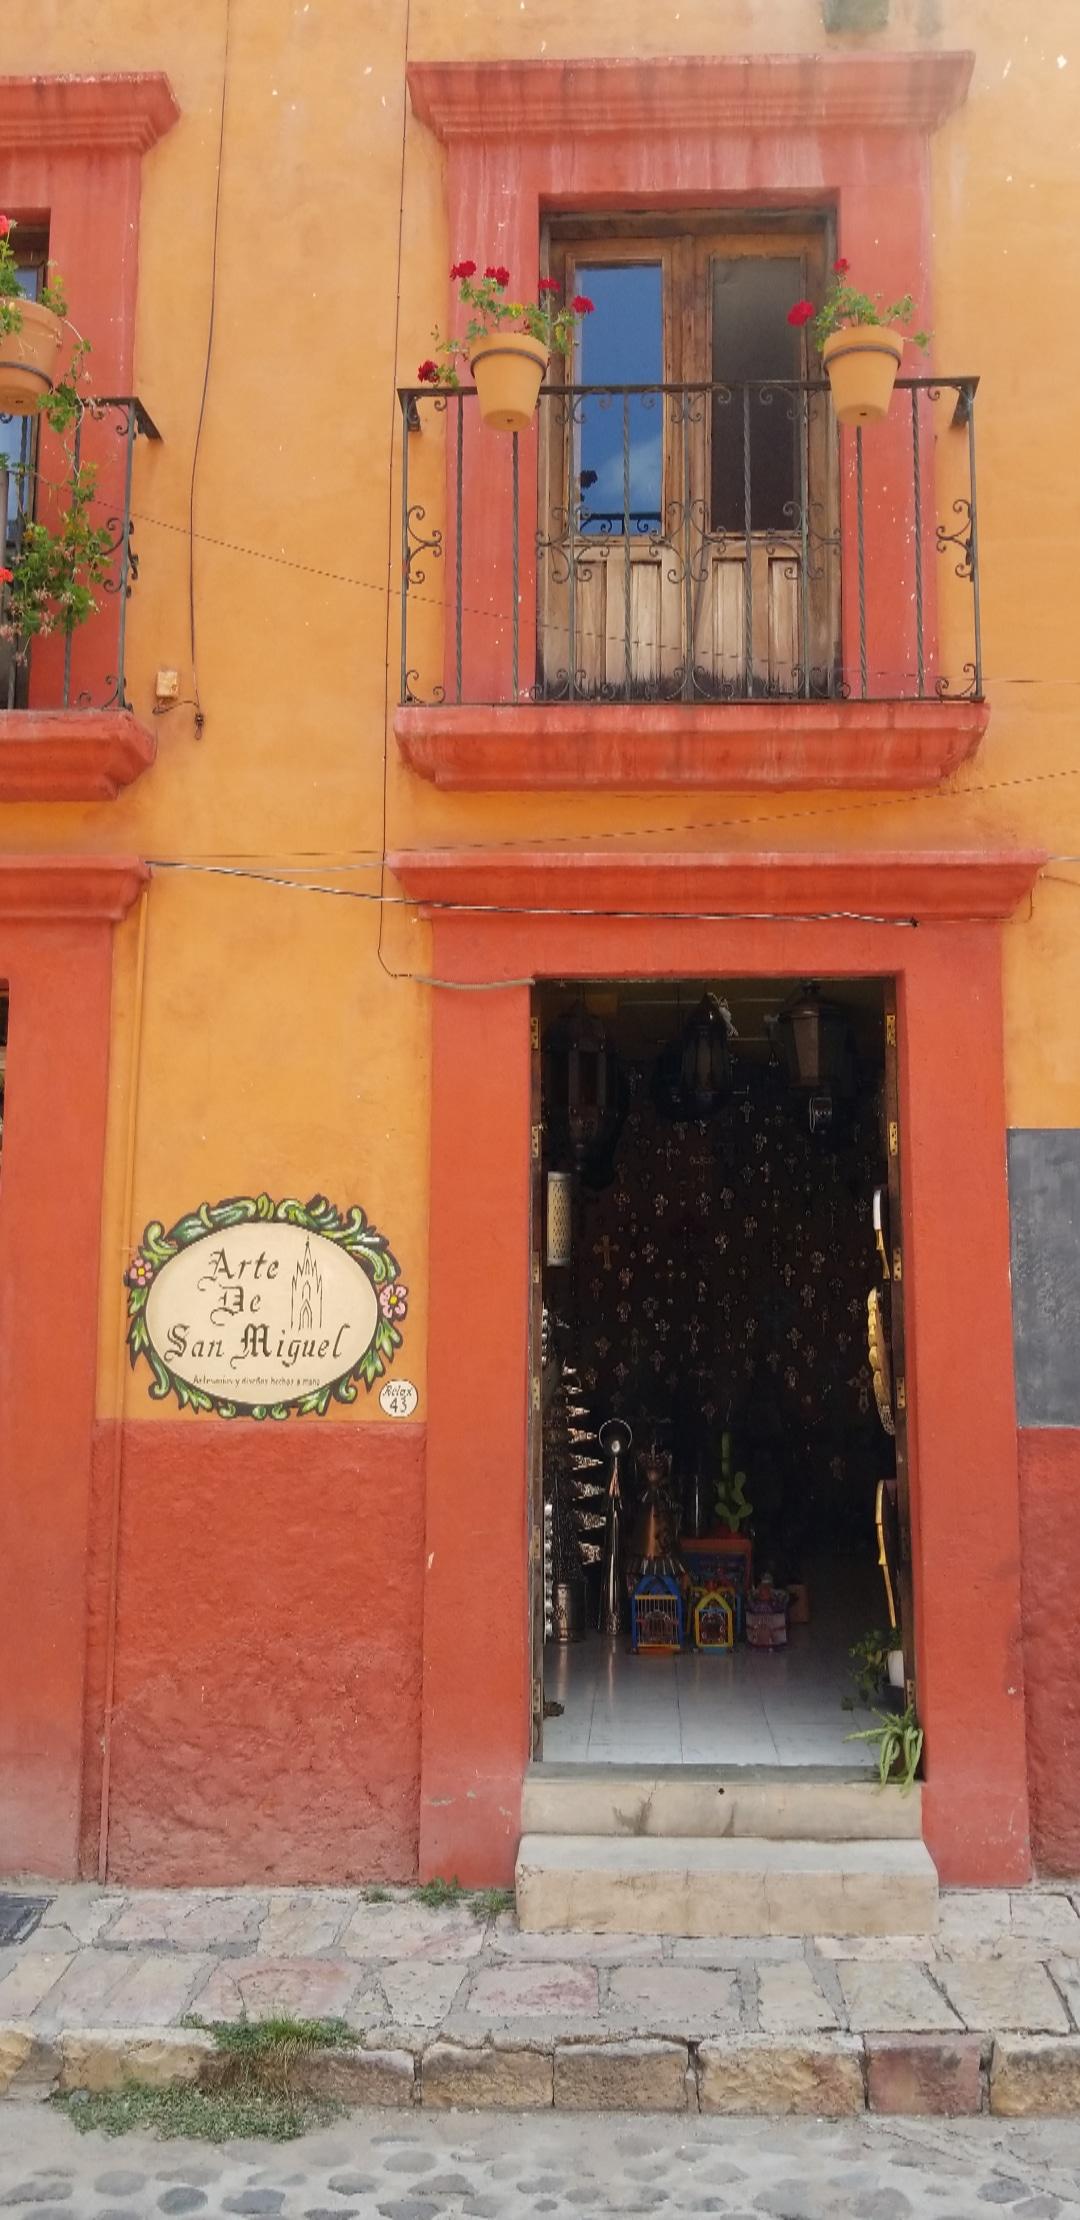 My next door neighbor in San Miguel de Allende.